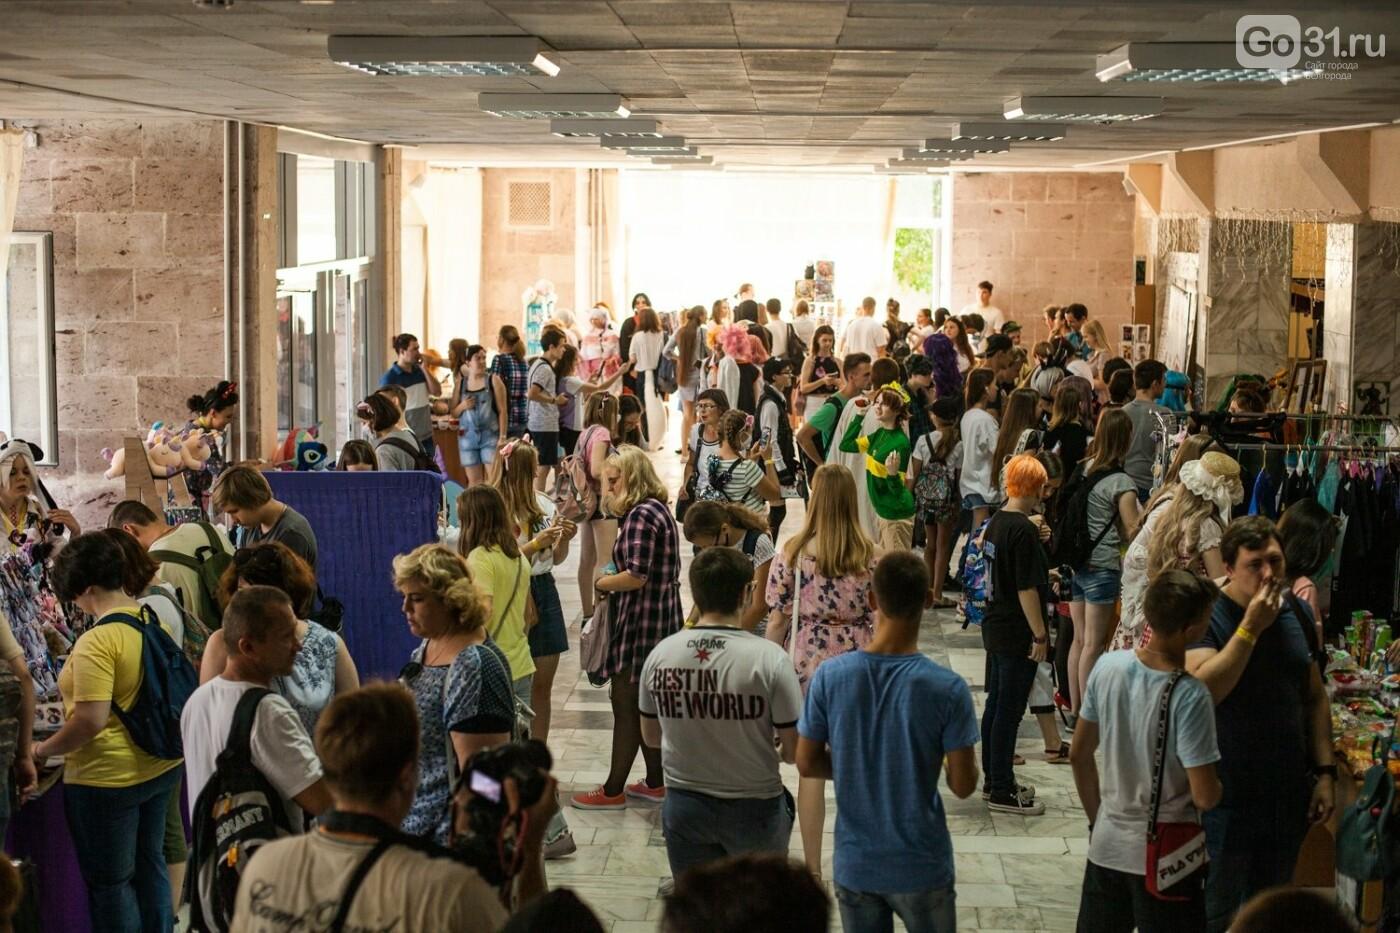 Аниме-фестиваль в Белгороде собрал российских косплейщиков, фото-13